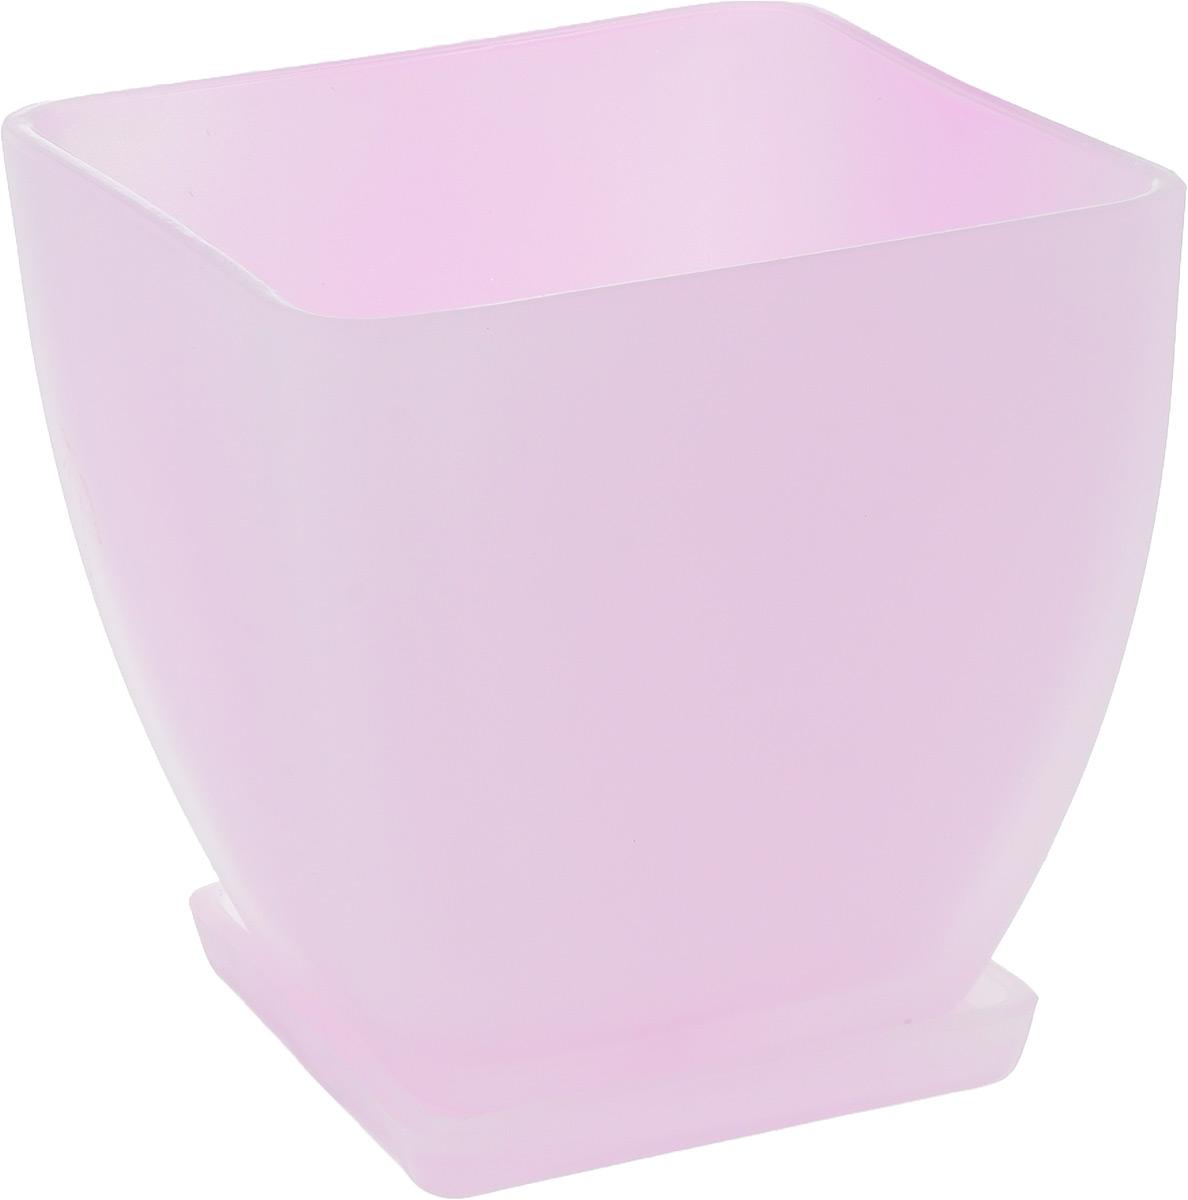 Горшок для цветов NiNaGlass Бетти, с поддоном, цвет: розовый, 14,5 х 14,5 х 13,5 см91-016 РОЗ-ФЛУОРГоршок для цветов NiNaGlass Бетти изготовлен из высококачественного стекла и оснащен поддоном для стока воды.Изделие прекрасно подойдет для выращивания растений дома и на приусадебных участках. Размеры изделия (по верхнему краю): 14,5 х 14,5 см.Высота изделия (с учетом поддона): 15 см.Размер поддона: 11 х 11 х 1,5 см.